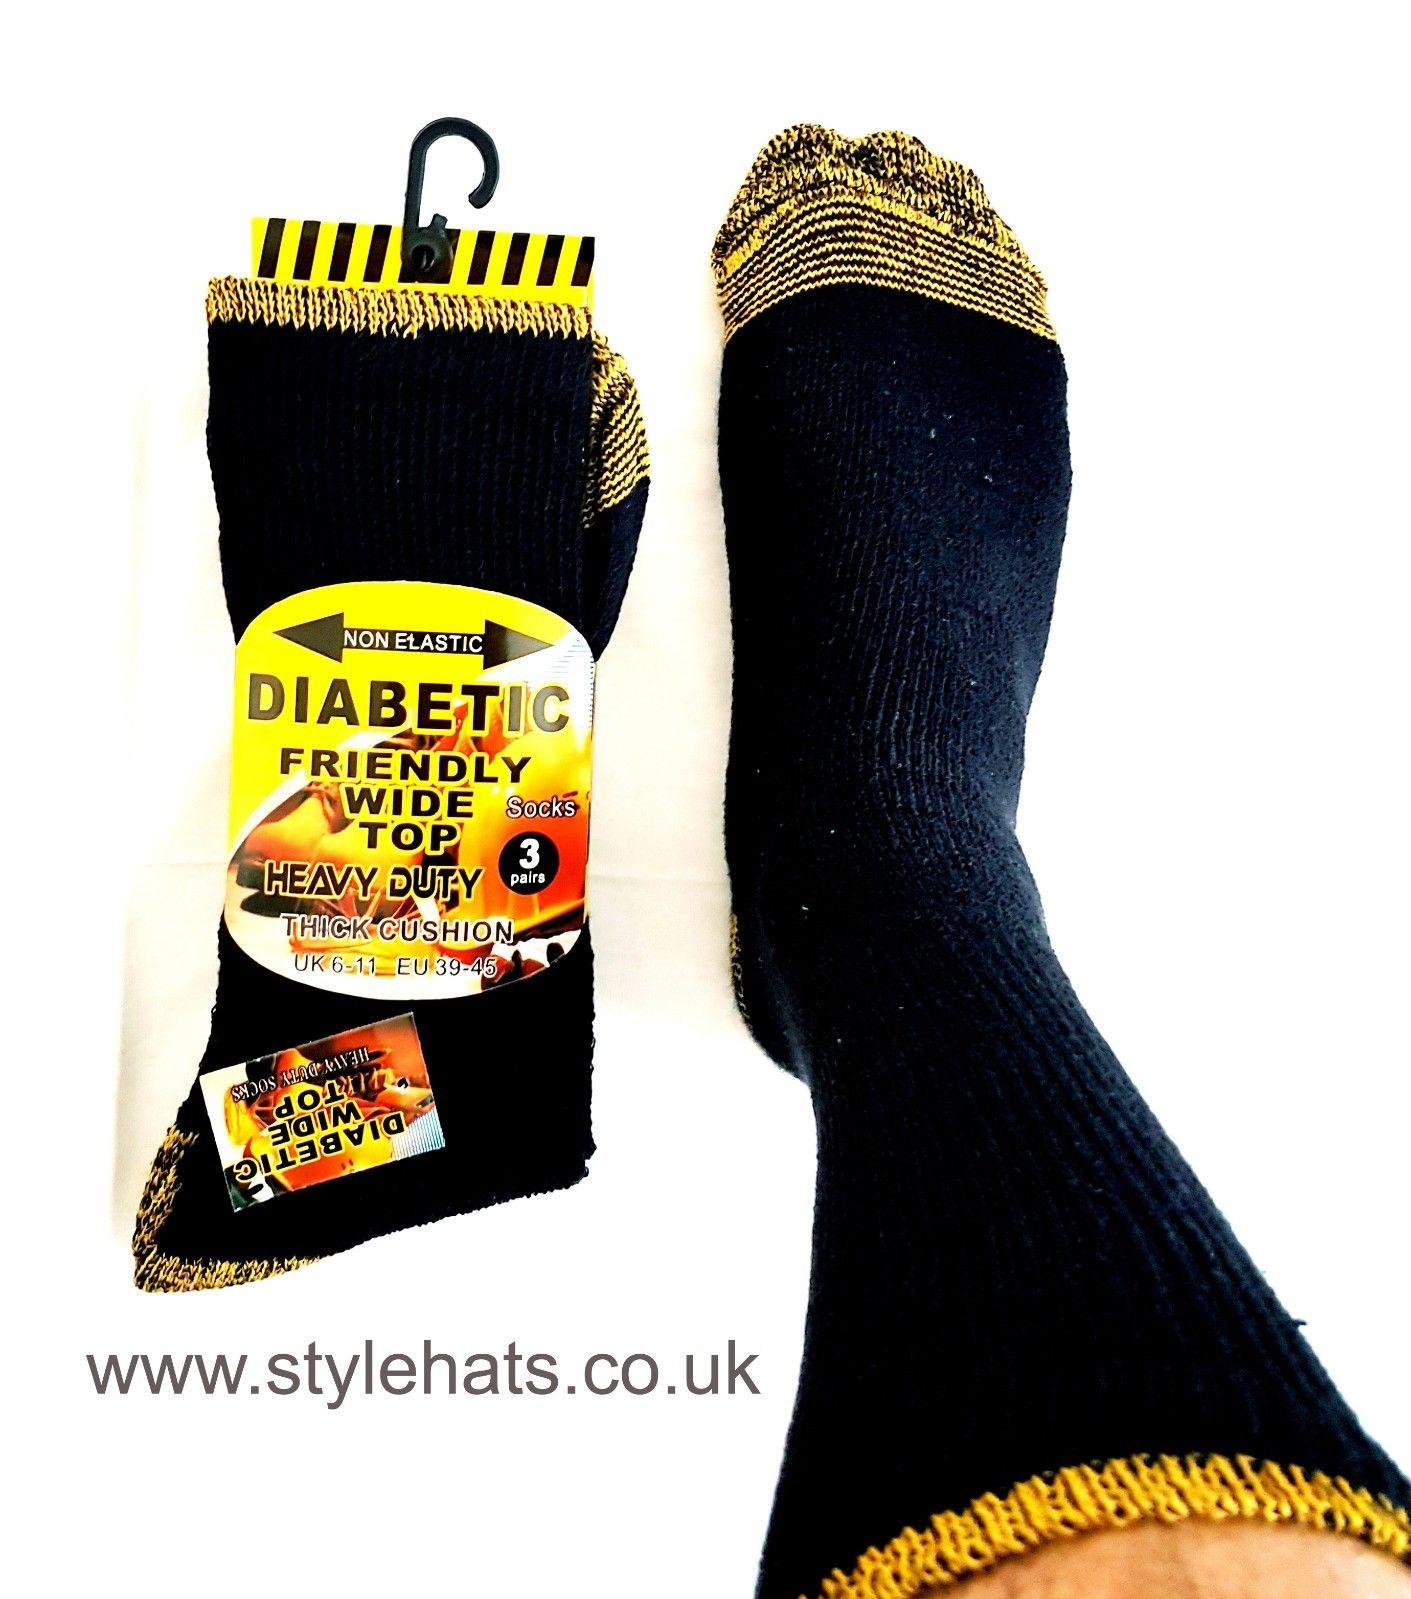 Diabetic Friendly Socks 3 Pairs Men/'s Soft Top Heavy Duty UK SIZE 6-11